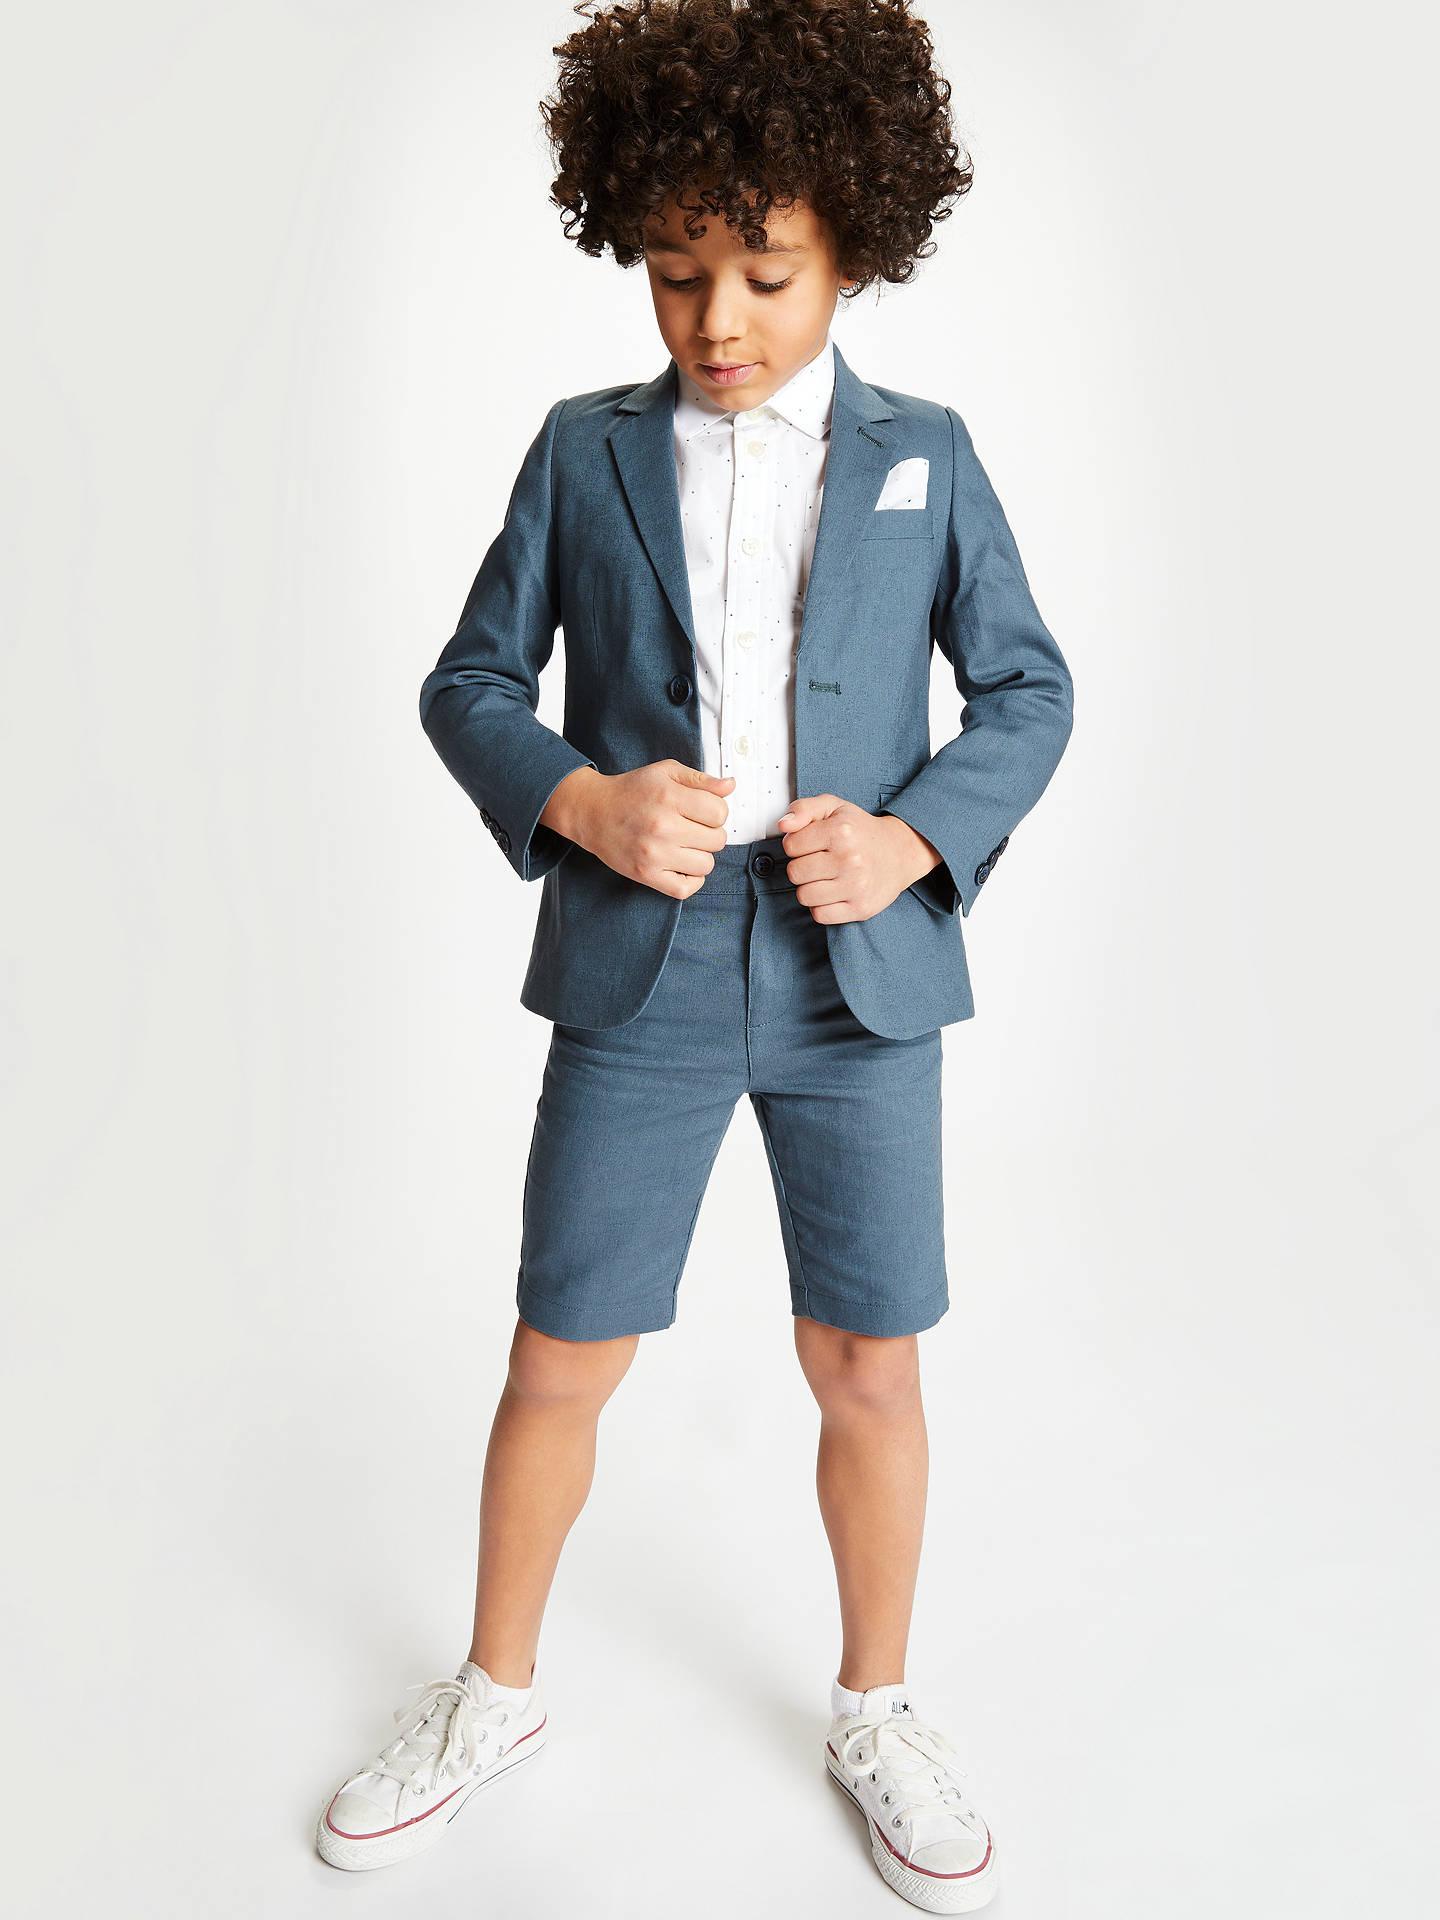 05c730c26023f John Lewis Heirloom Collection Boys' Linen Cotton Suit Shorts ...